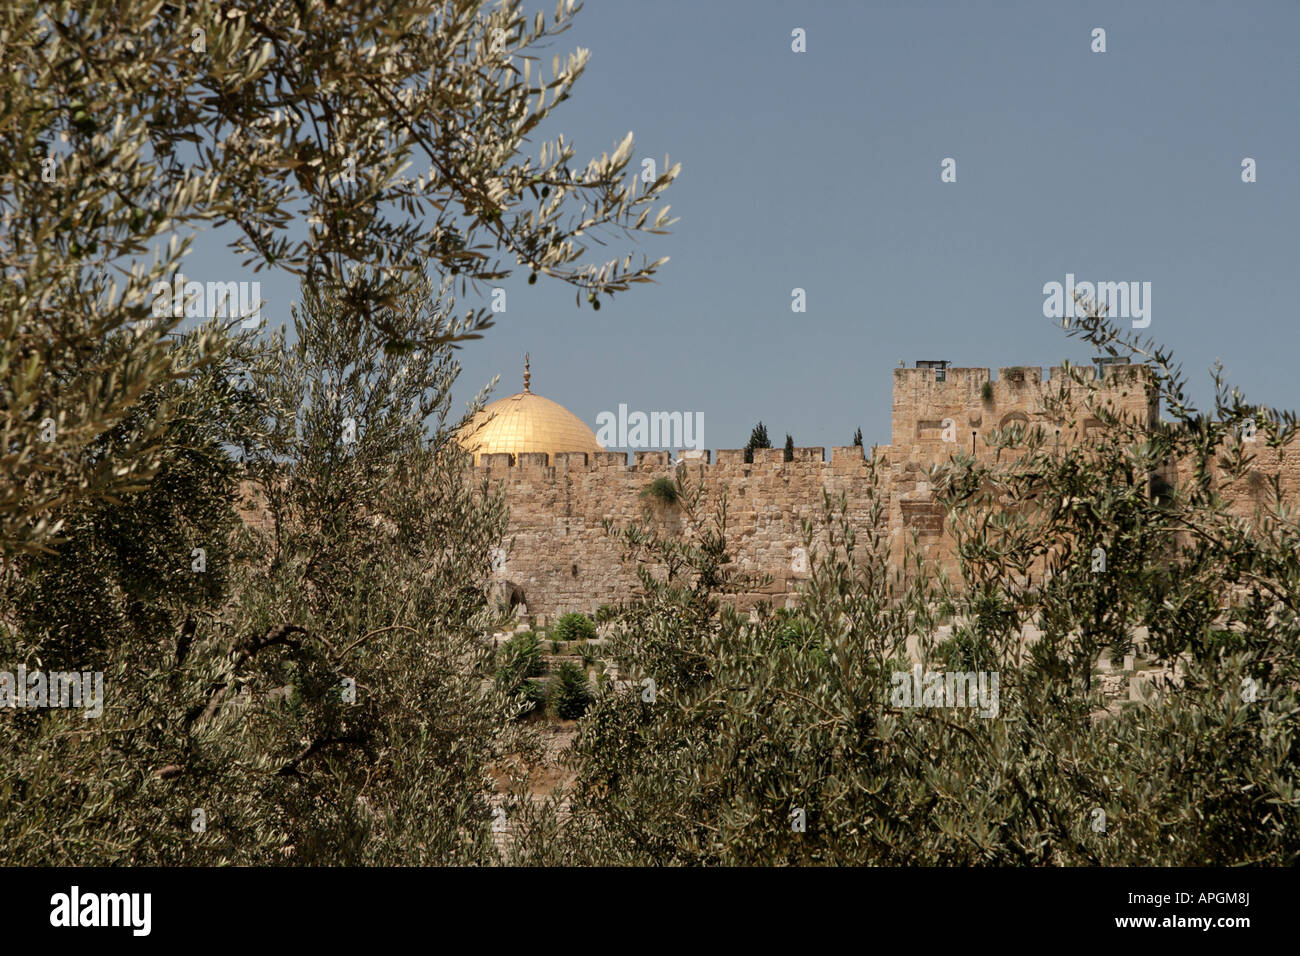 Israel Jerusalem Olive Trees In The Garden Of Gethsemane   Stock Image